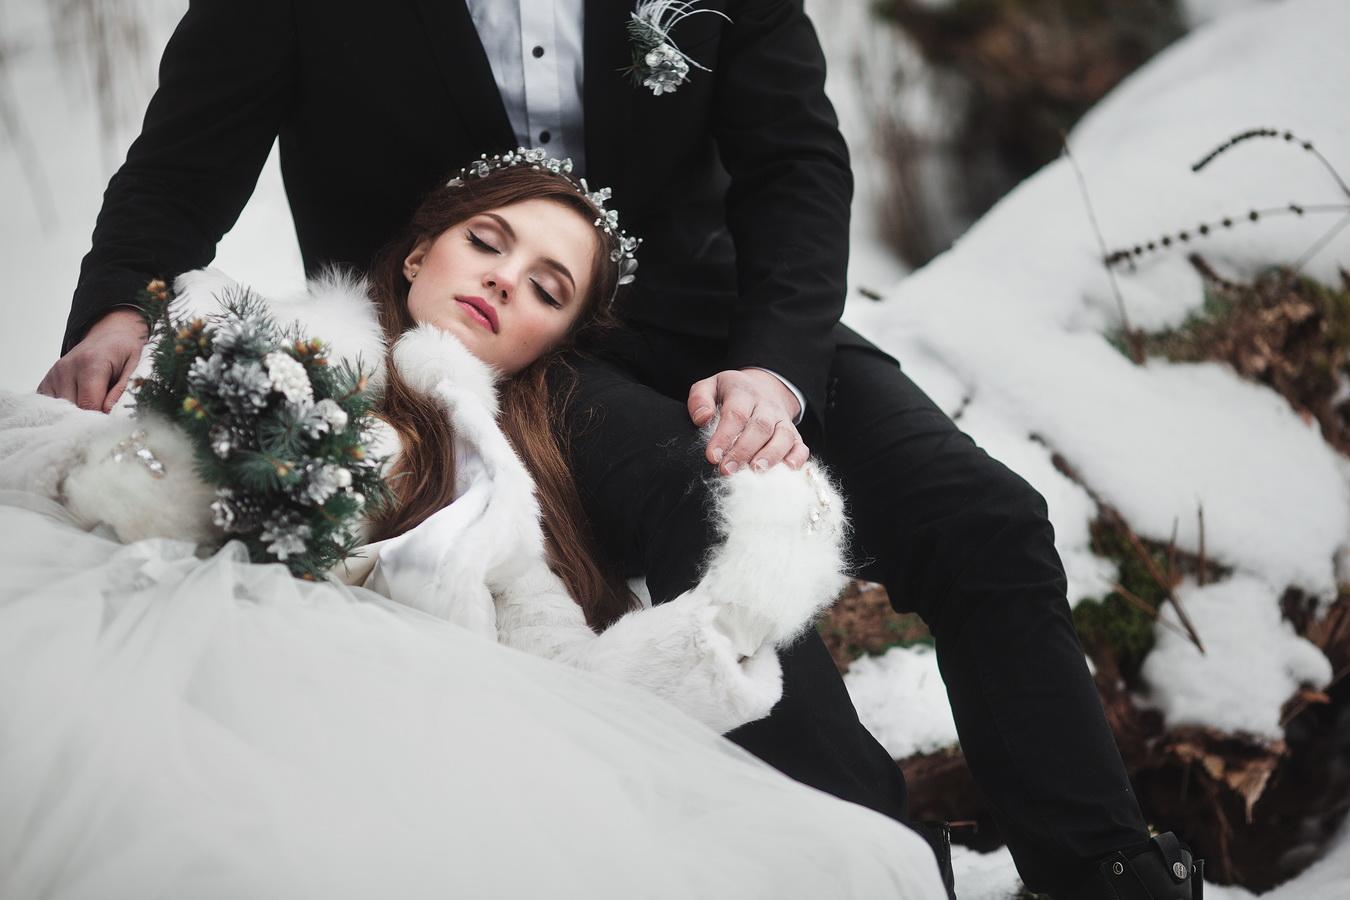 накрываю миску как сделать крутое свадебное фото зимой отлично